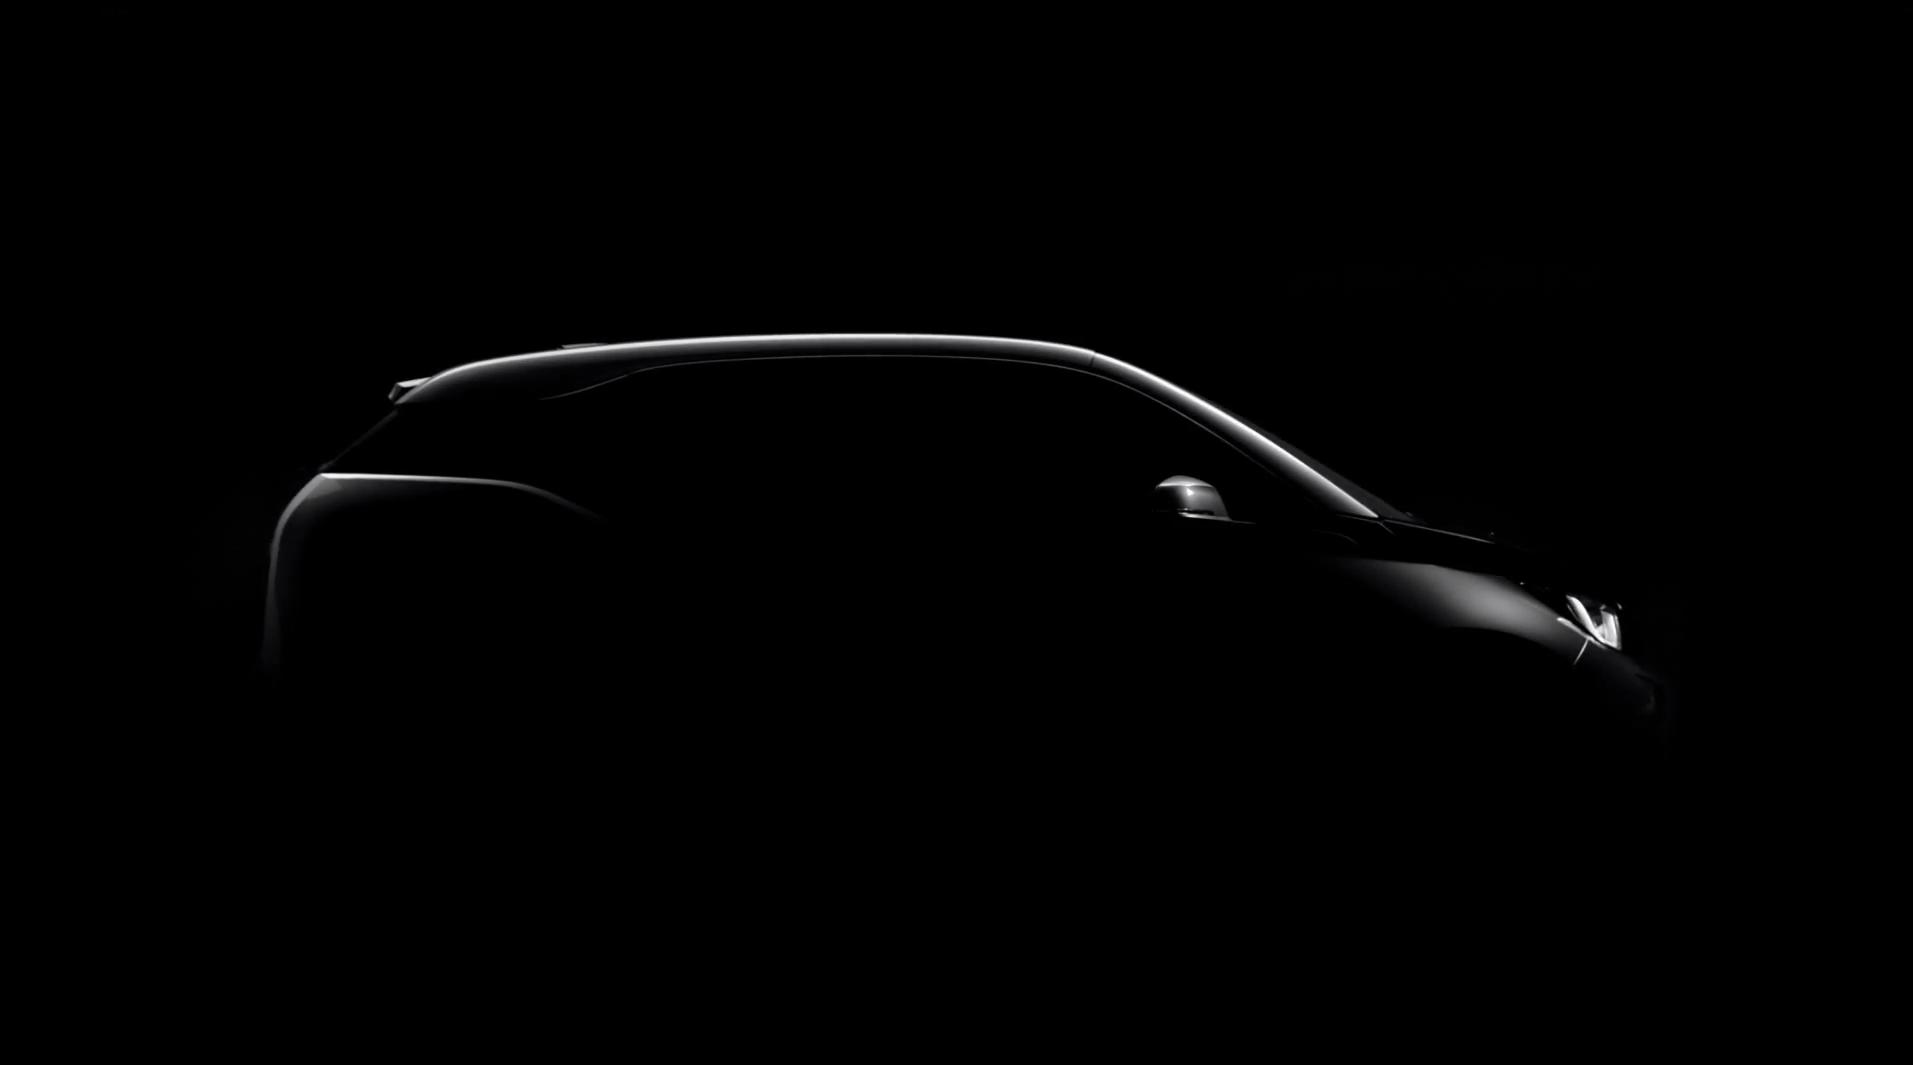 BMW i3 Teaser 29 Juli 2013